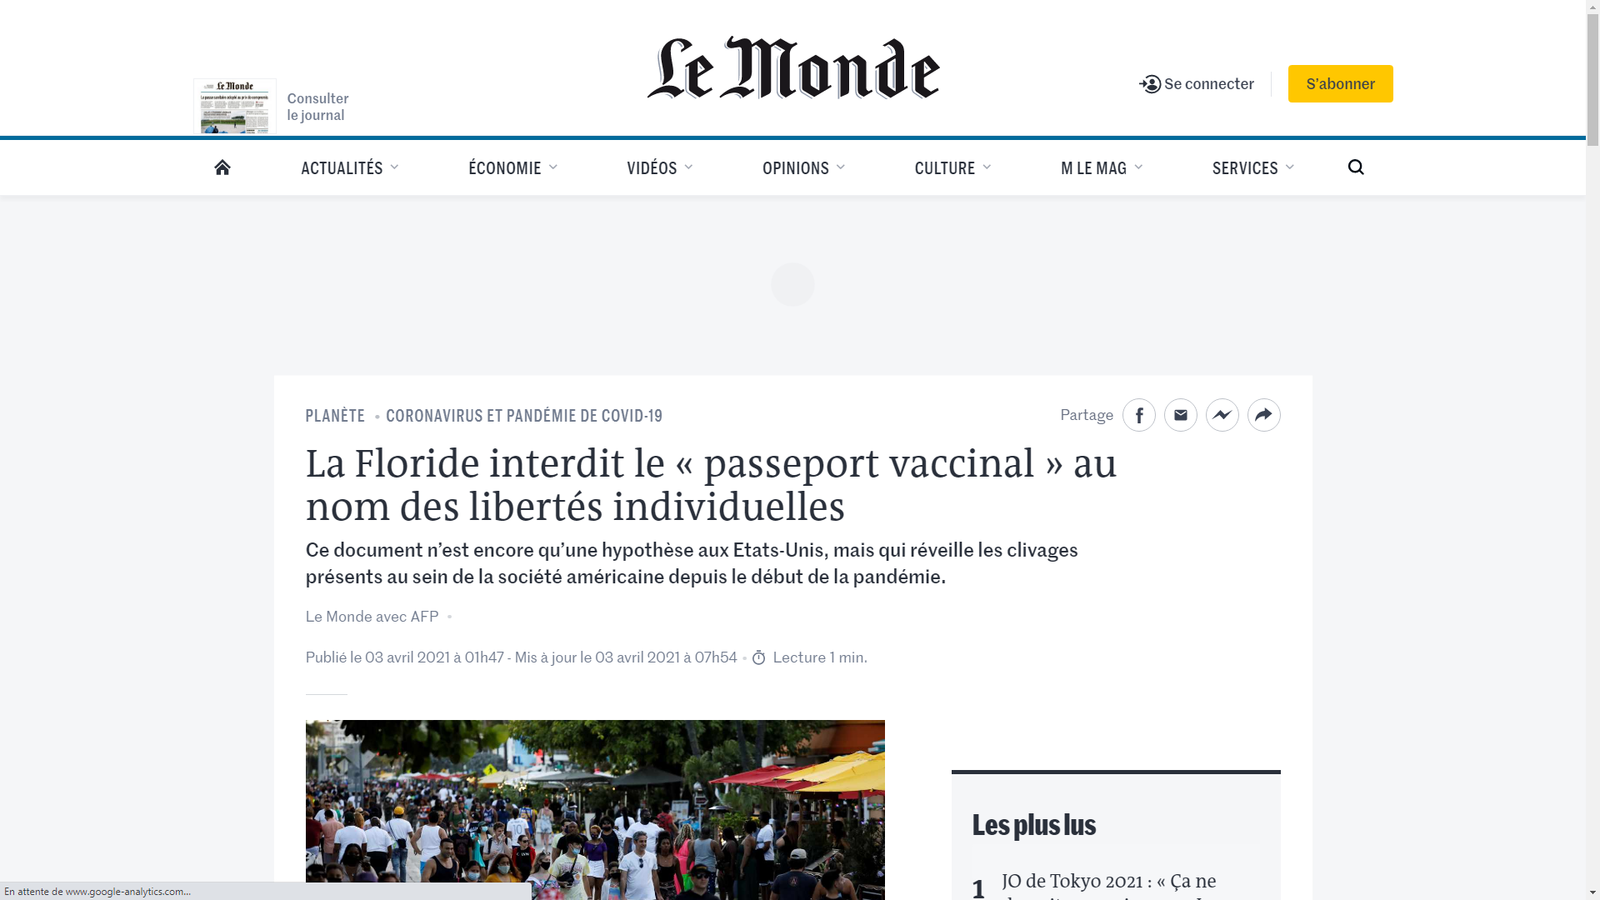 Source: https://www.lemonde.fr/planete/article/2021/04/03/la-floride-interdit-le-passeport-vaccinal-au-nom-des-libertes-individuelles_6075448_3244.html